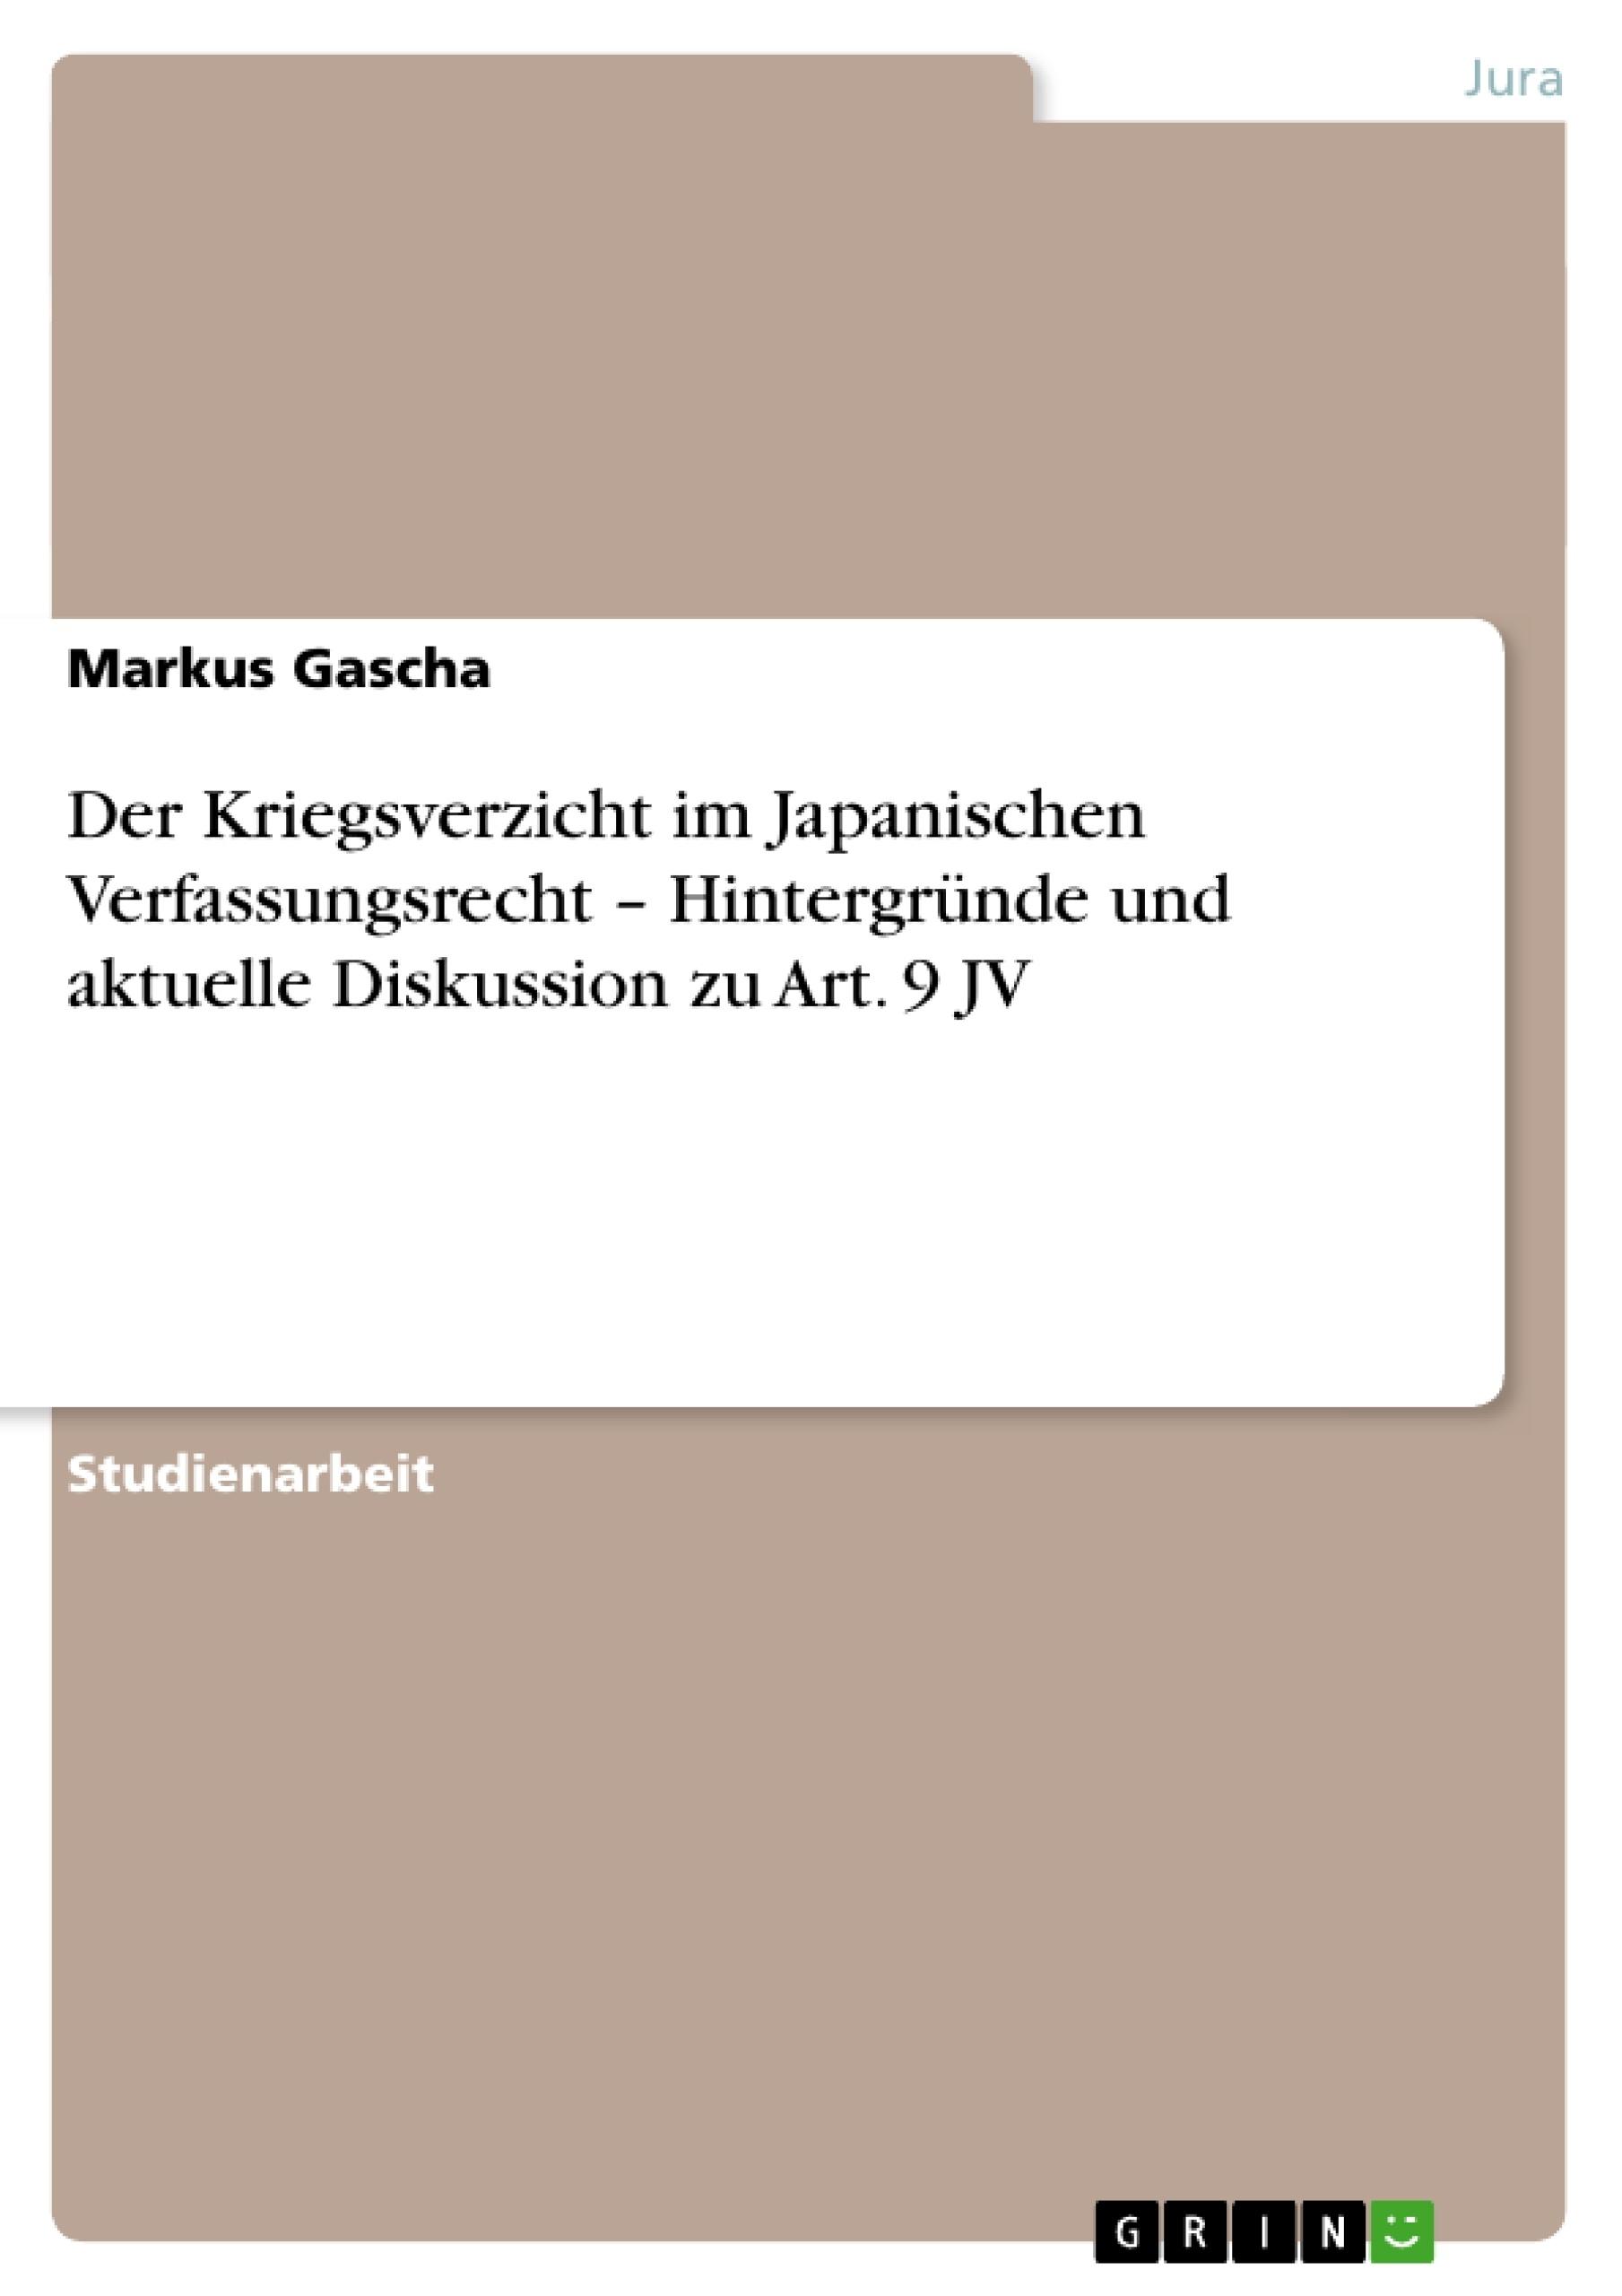 Titel: Der Kriegsverzicht im Japanischen Verfassungsrecht – Hintergründe und aktuelle Diskussion zu Art. 9 JV